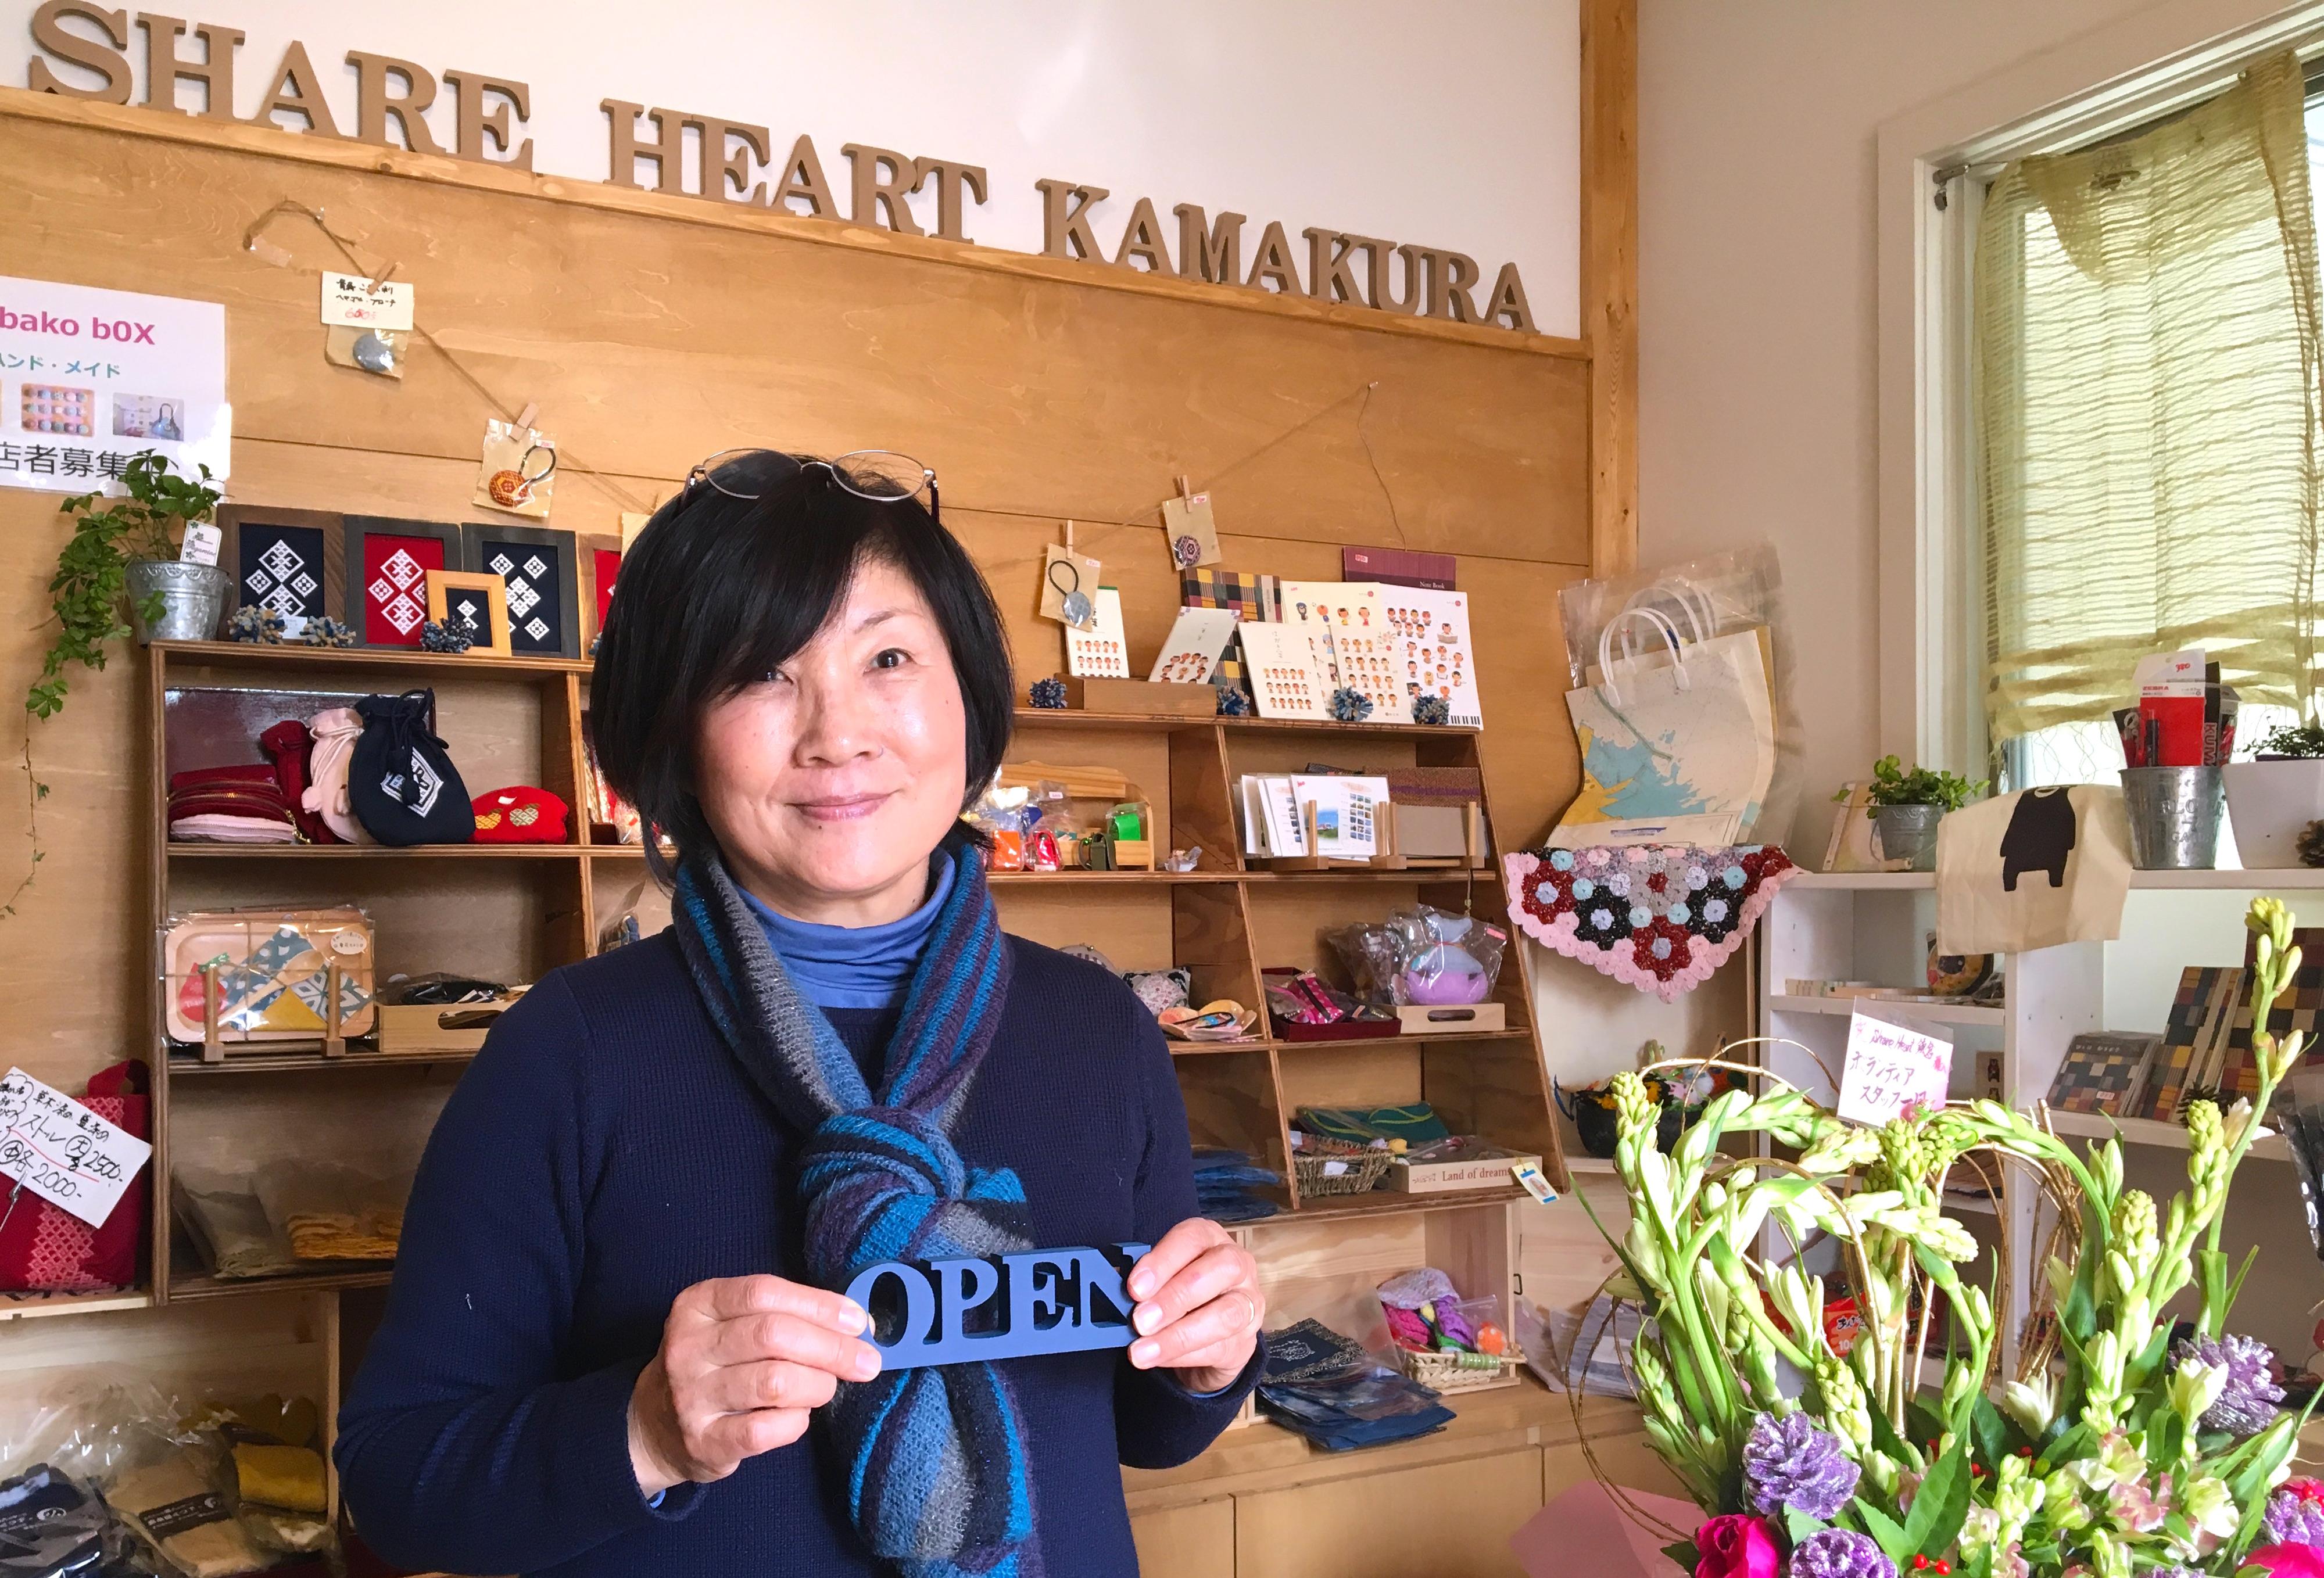 シェアハート鎌倉のお店がオープン!